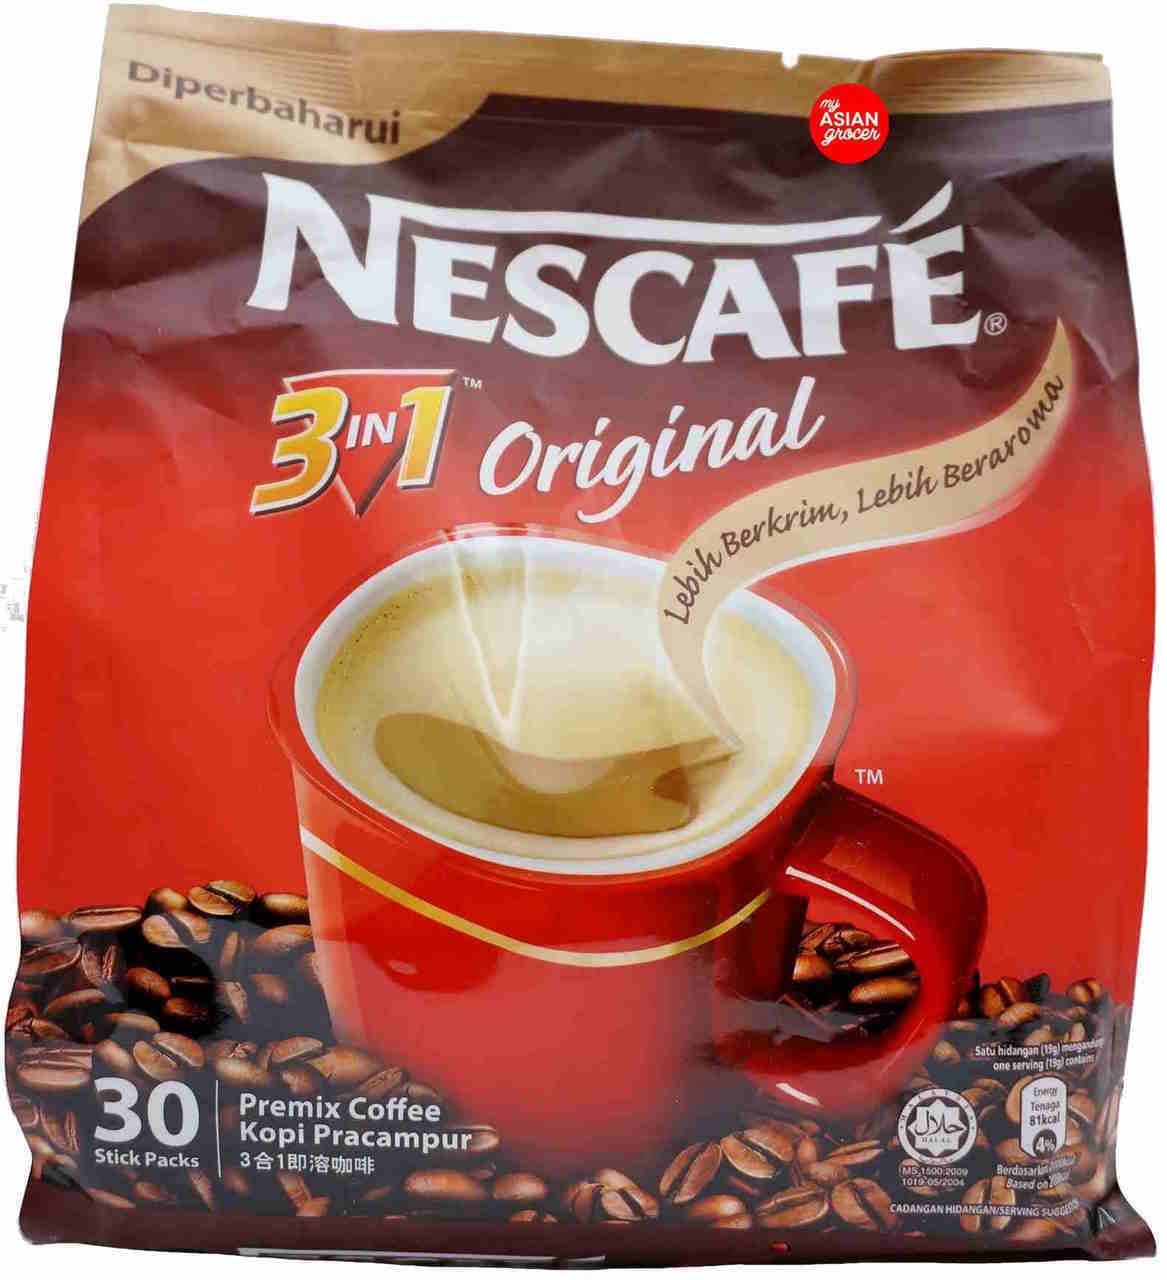 Nescafe Coffee 3 in1